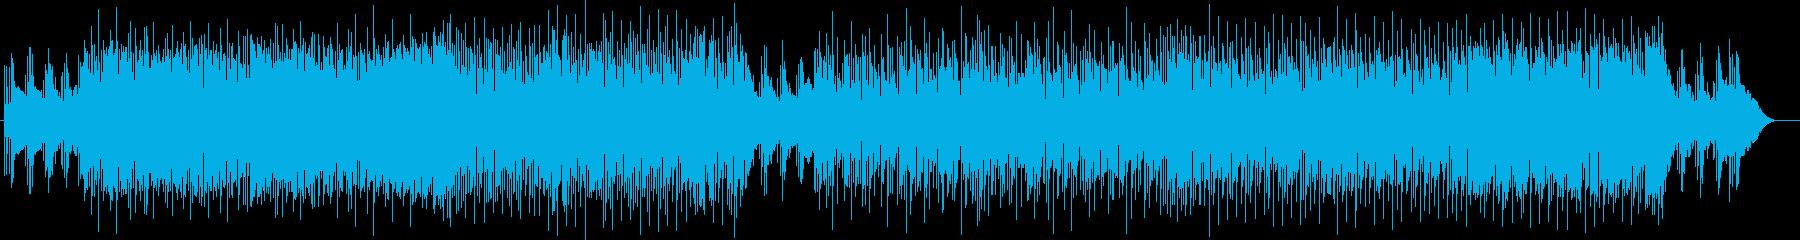 ファンシーなシンセポップスの再生済みの波形